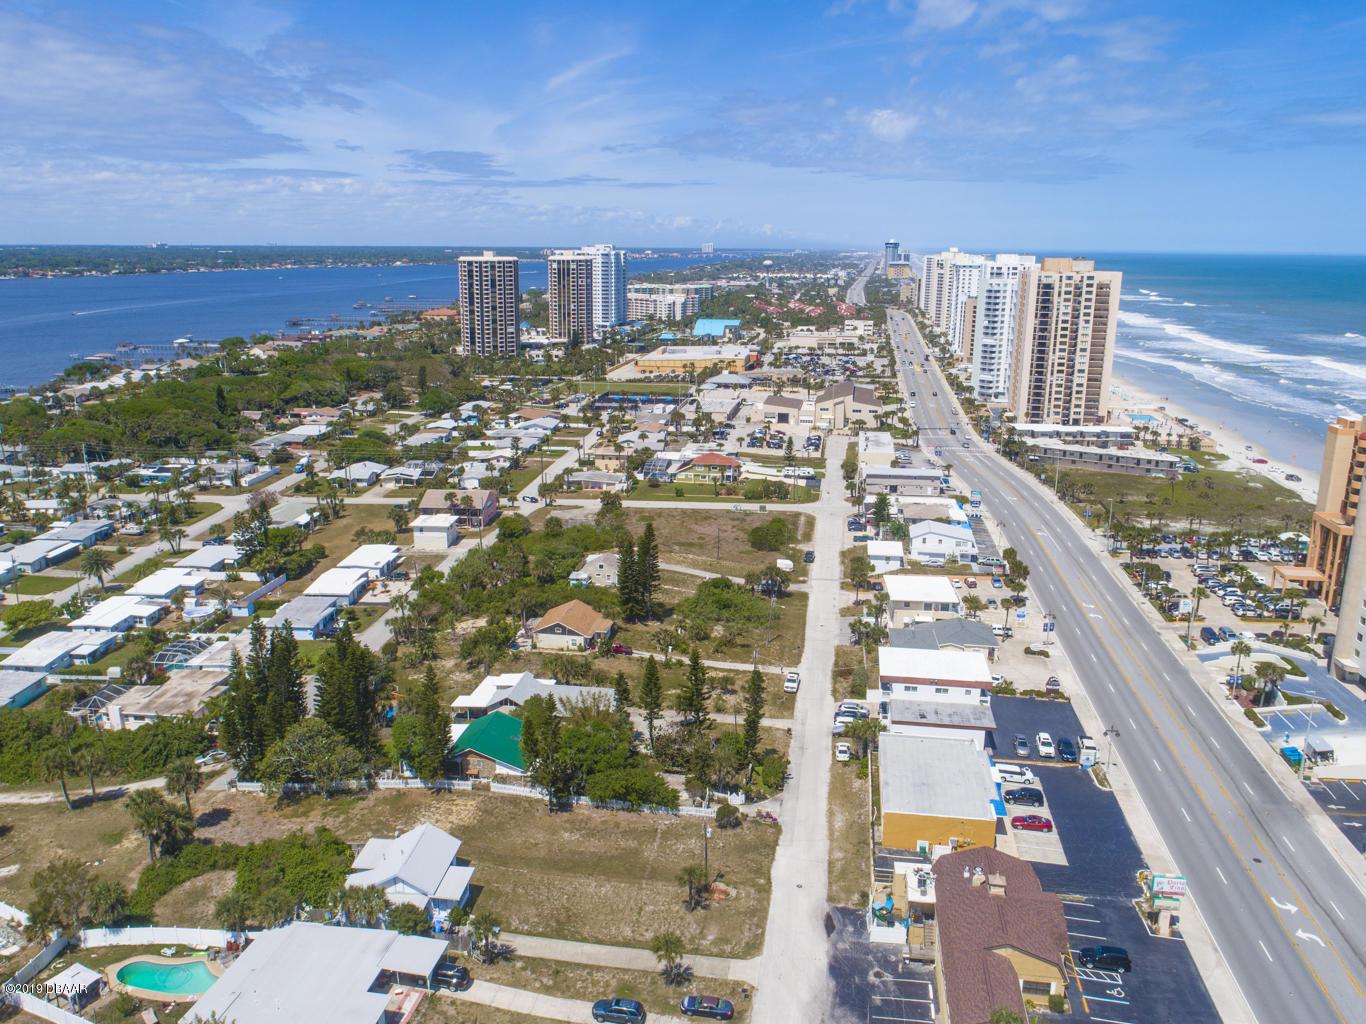 3112 Liberty Daytona Beach - 3